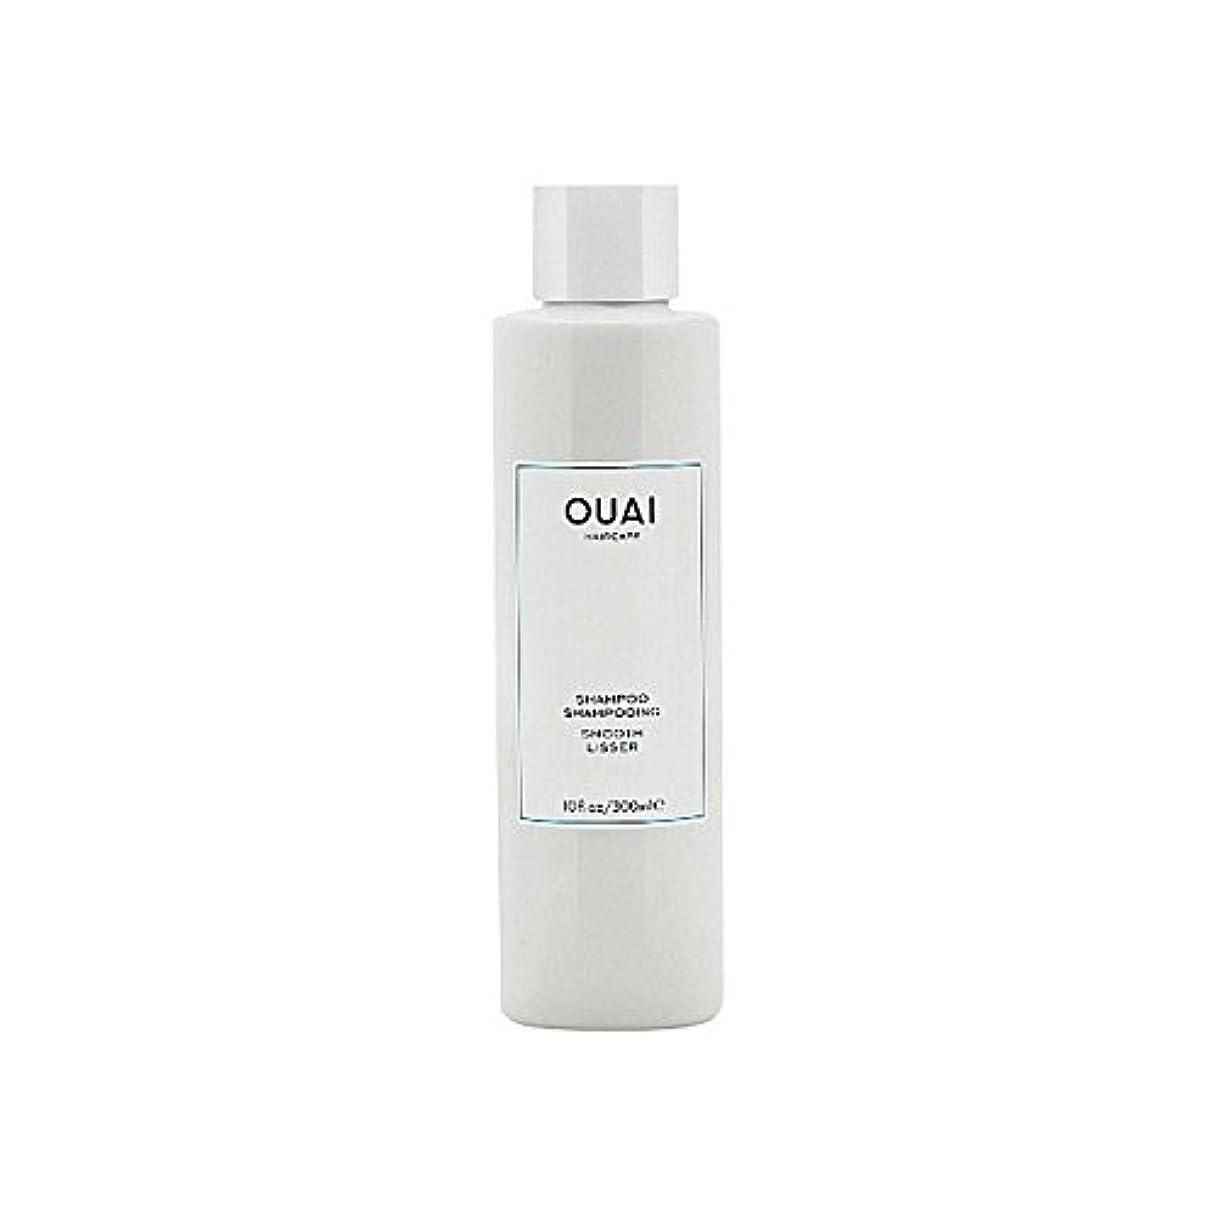 うなずく手数料ずるいスムーズなシャンプー300ミリリットル x4 - Ouai Smooth Shampoo 300ml (Pack of 4) [並行輸入品]